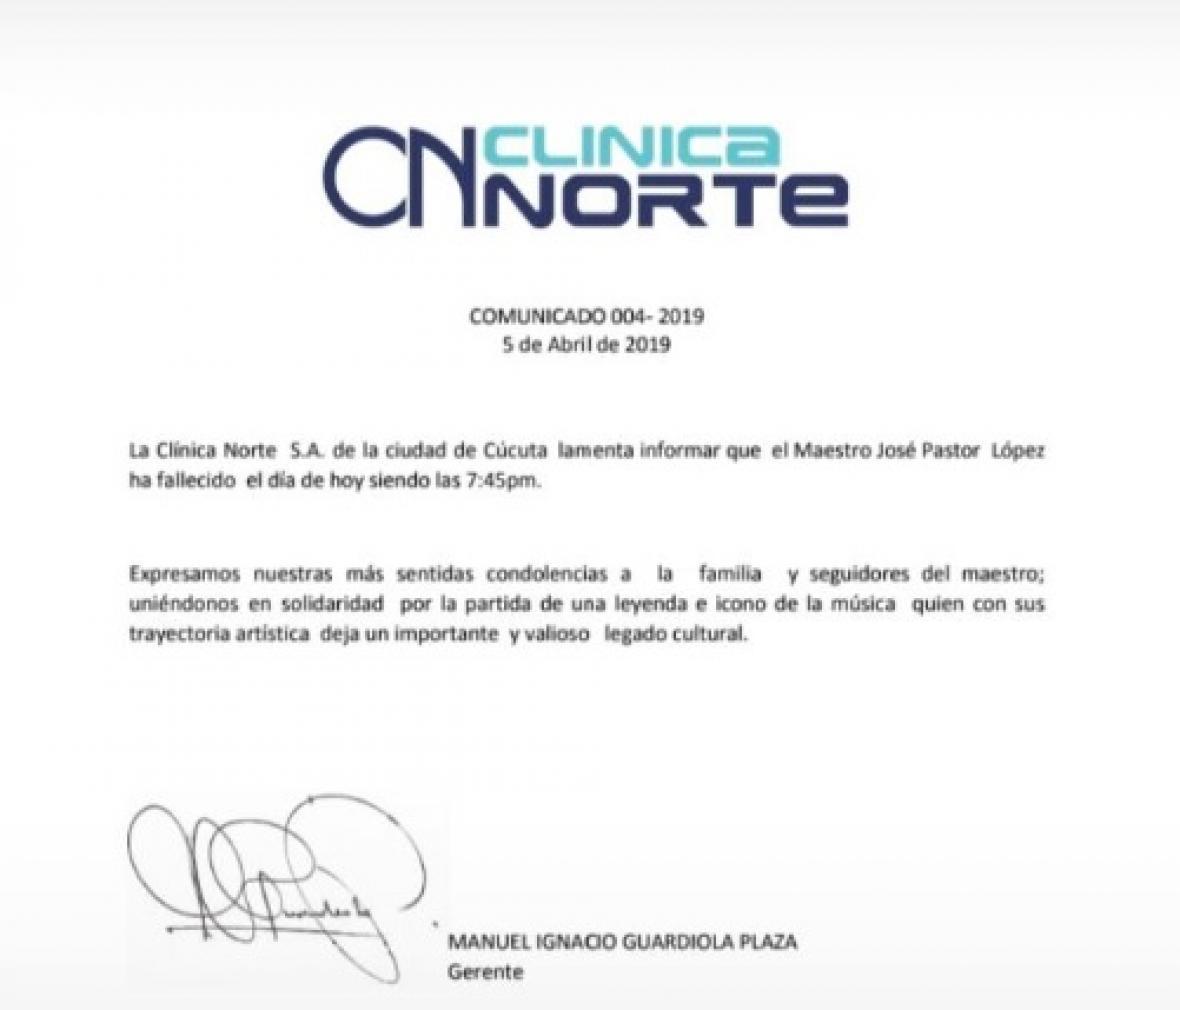 El comunicado oficial de la clínica sobre la muerte de Pastor López.